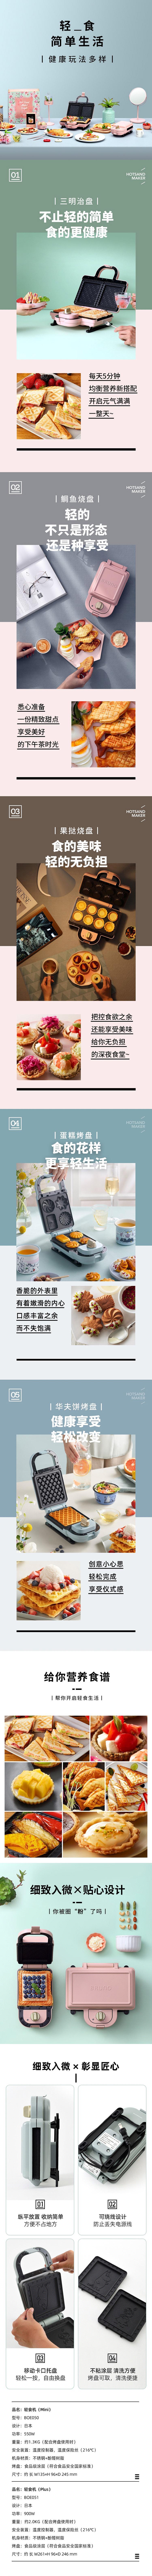 BRUNO产品介绍.jpg